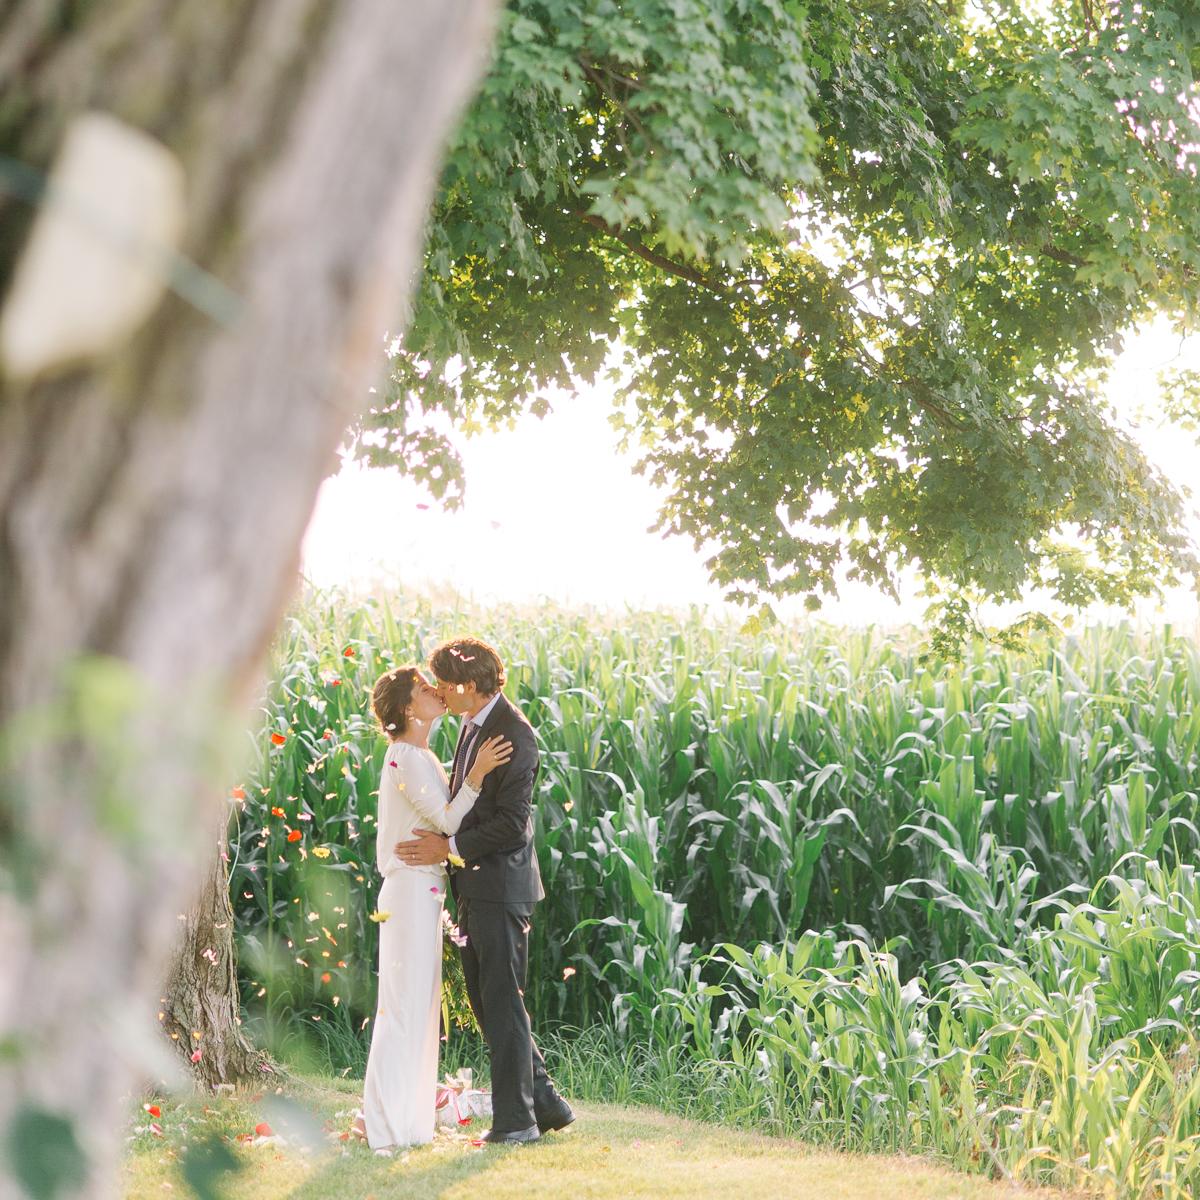 toronto wedding photography intimate wedding photography toronto elopement in toronto walkterton farm wedding farm wedding toronto-039